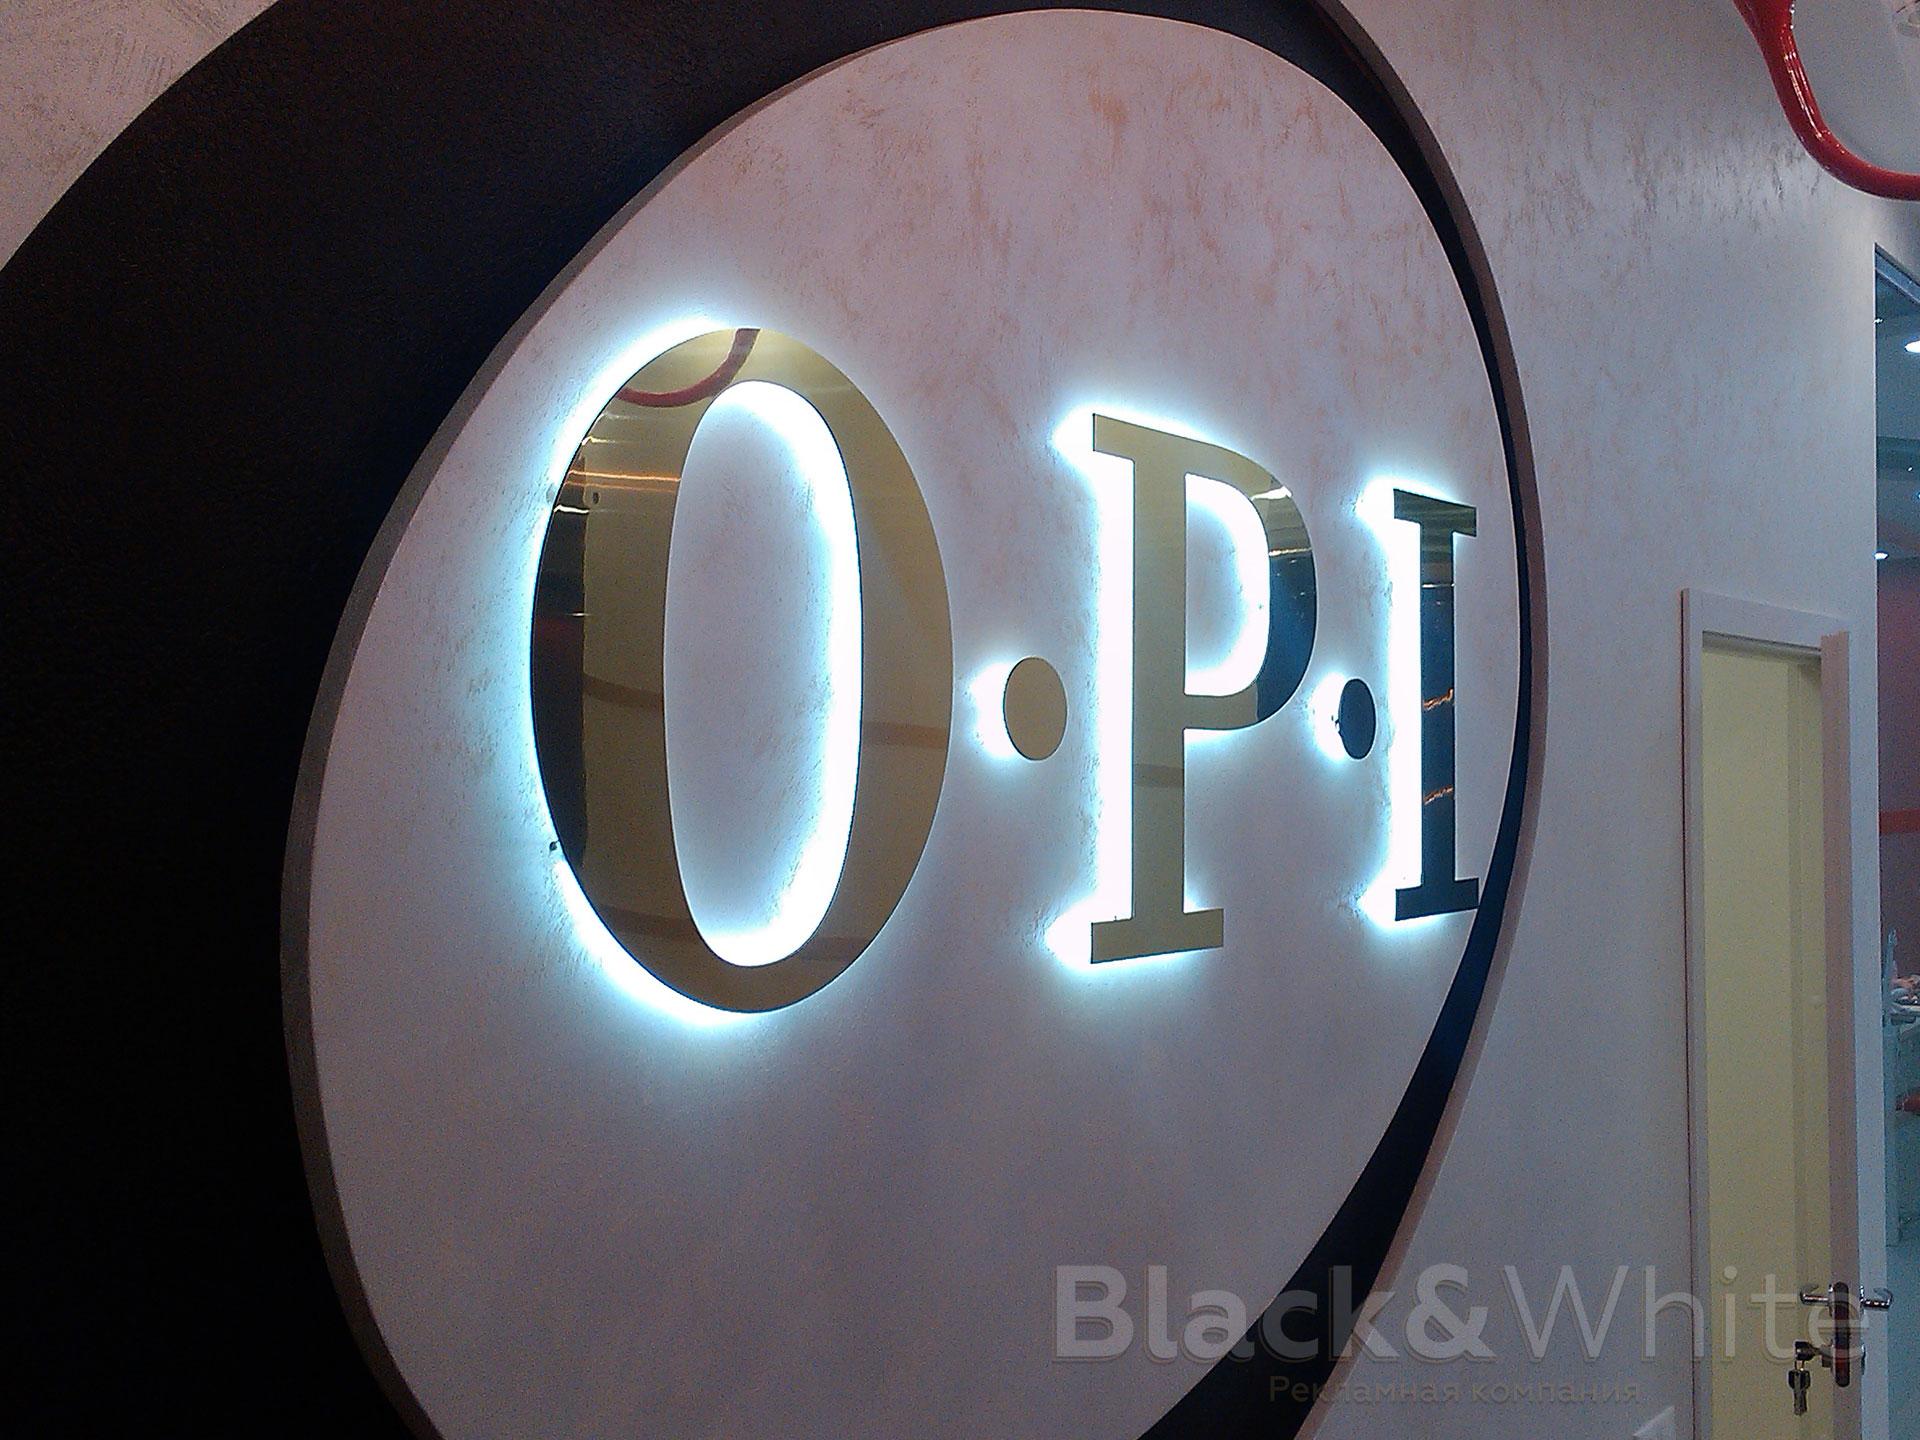 Объемные-буквы-с-контражурной-подсветкой-Световая-вывеска-в-красноярскеBW.jpg